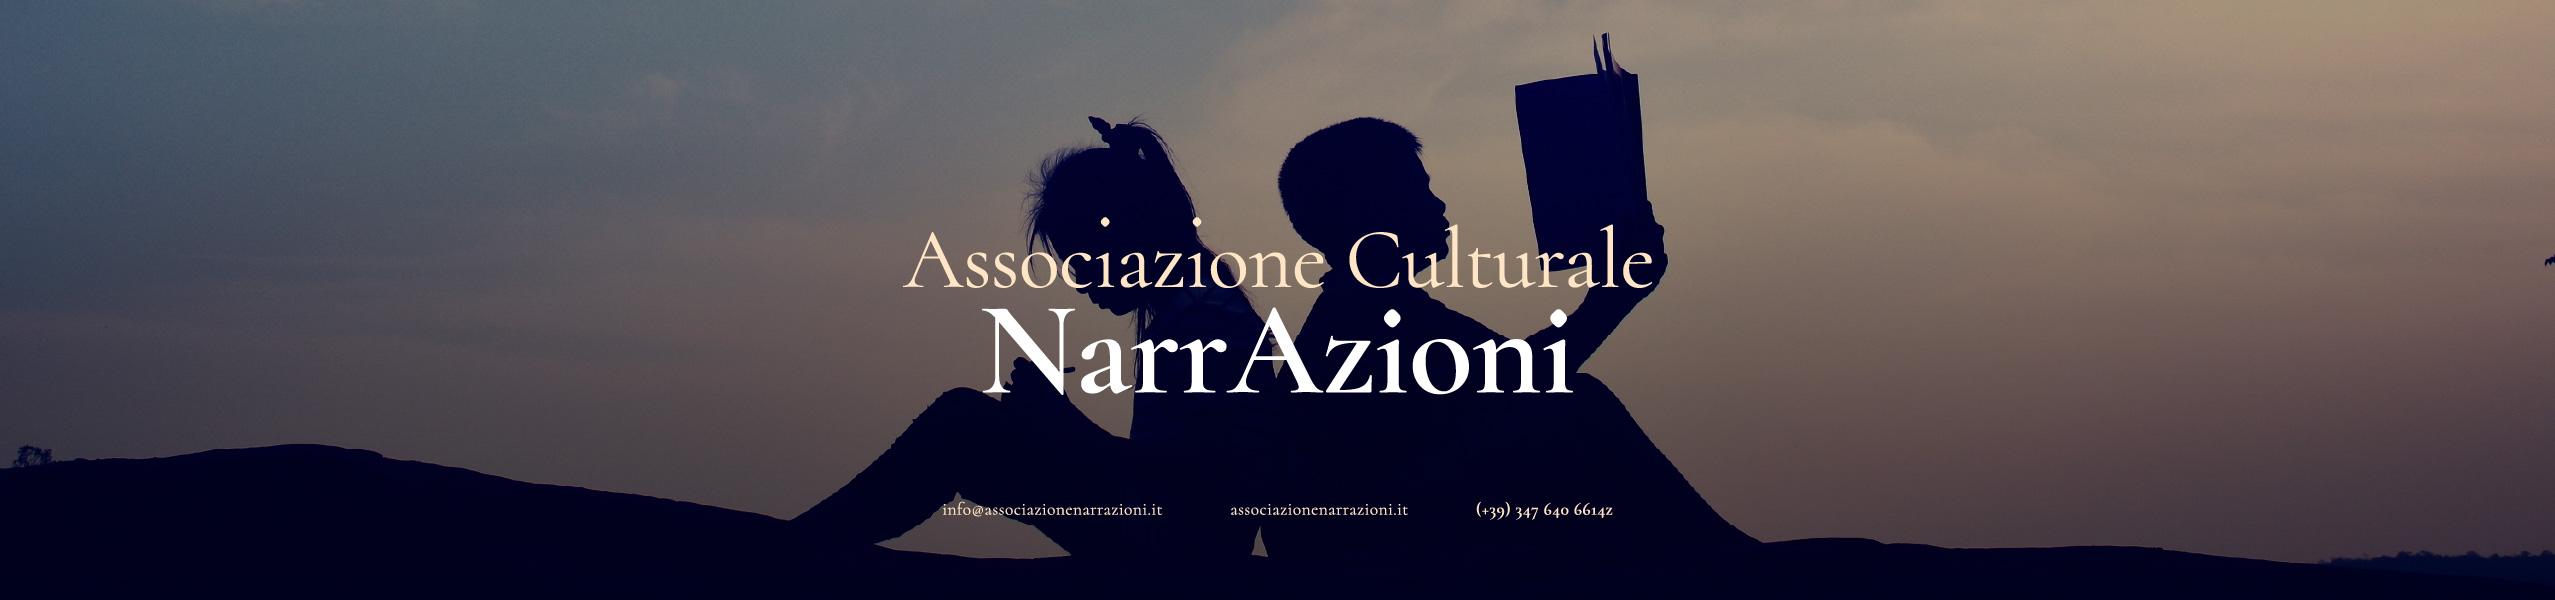 Associazione culturale Narrazioni